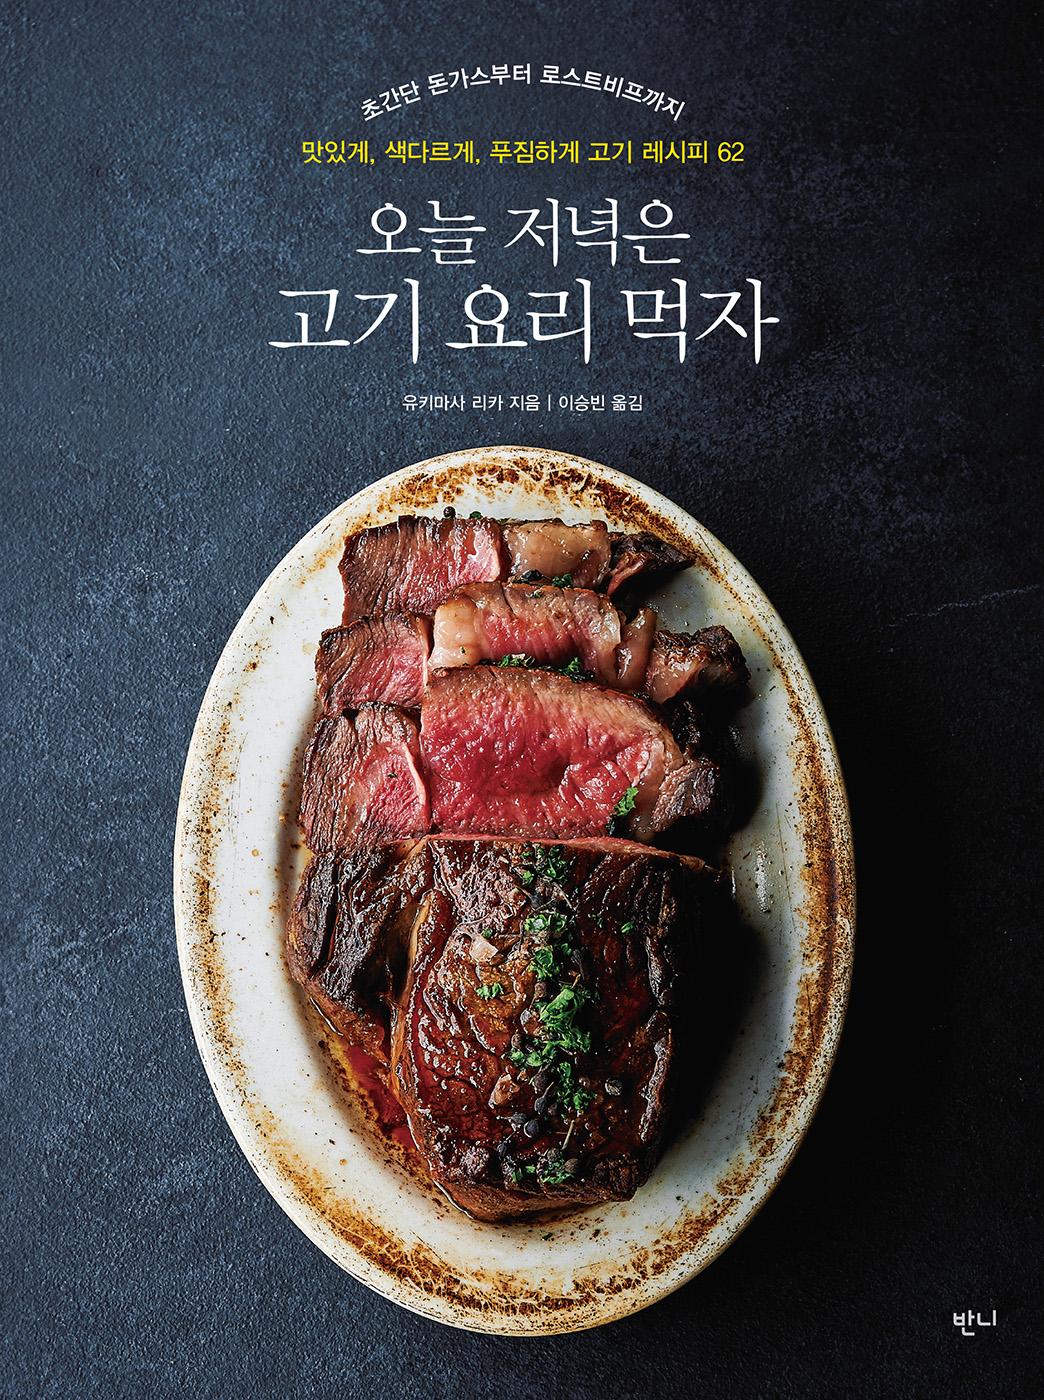 (초간단 돈가스부터 로스트비프까지) 오늘 저녁은 고기 요리 먹자 : 맛있게, 색다르게, 푸짐하게 고기 레시피 62